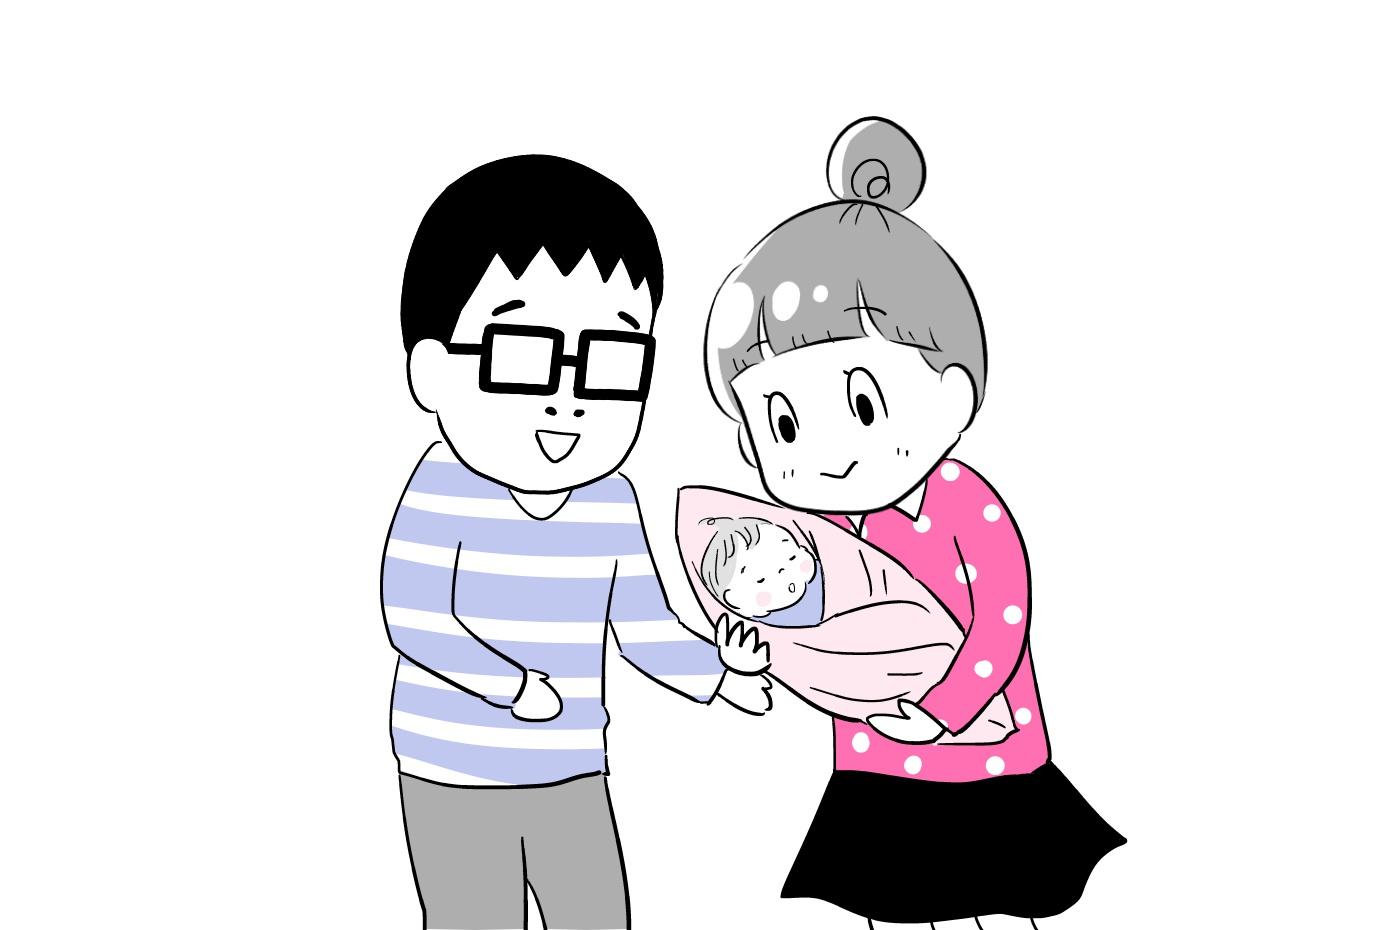 担当を決めずに2人で能動的な育児 うちの夫婦の役割分担